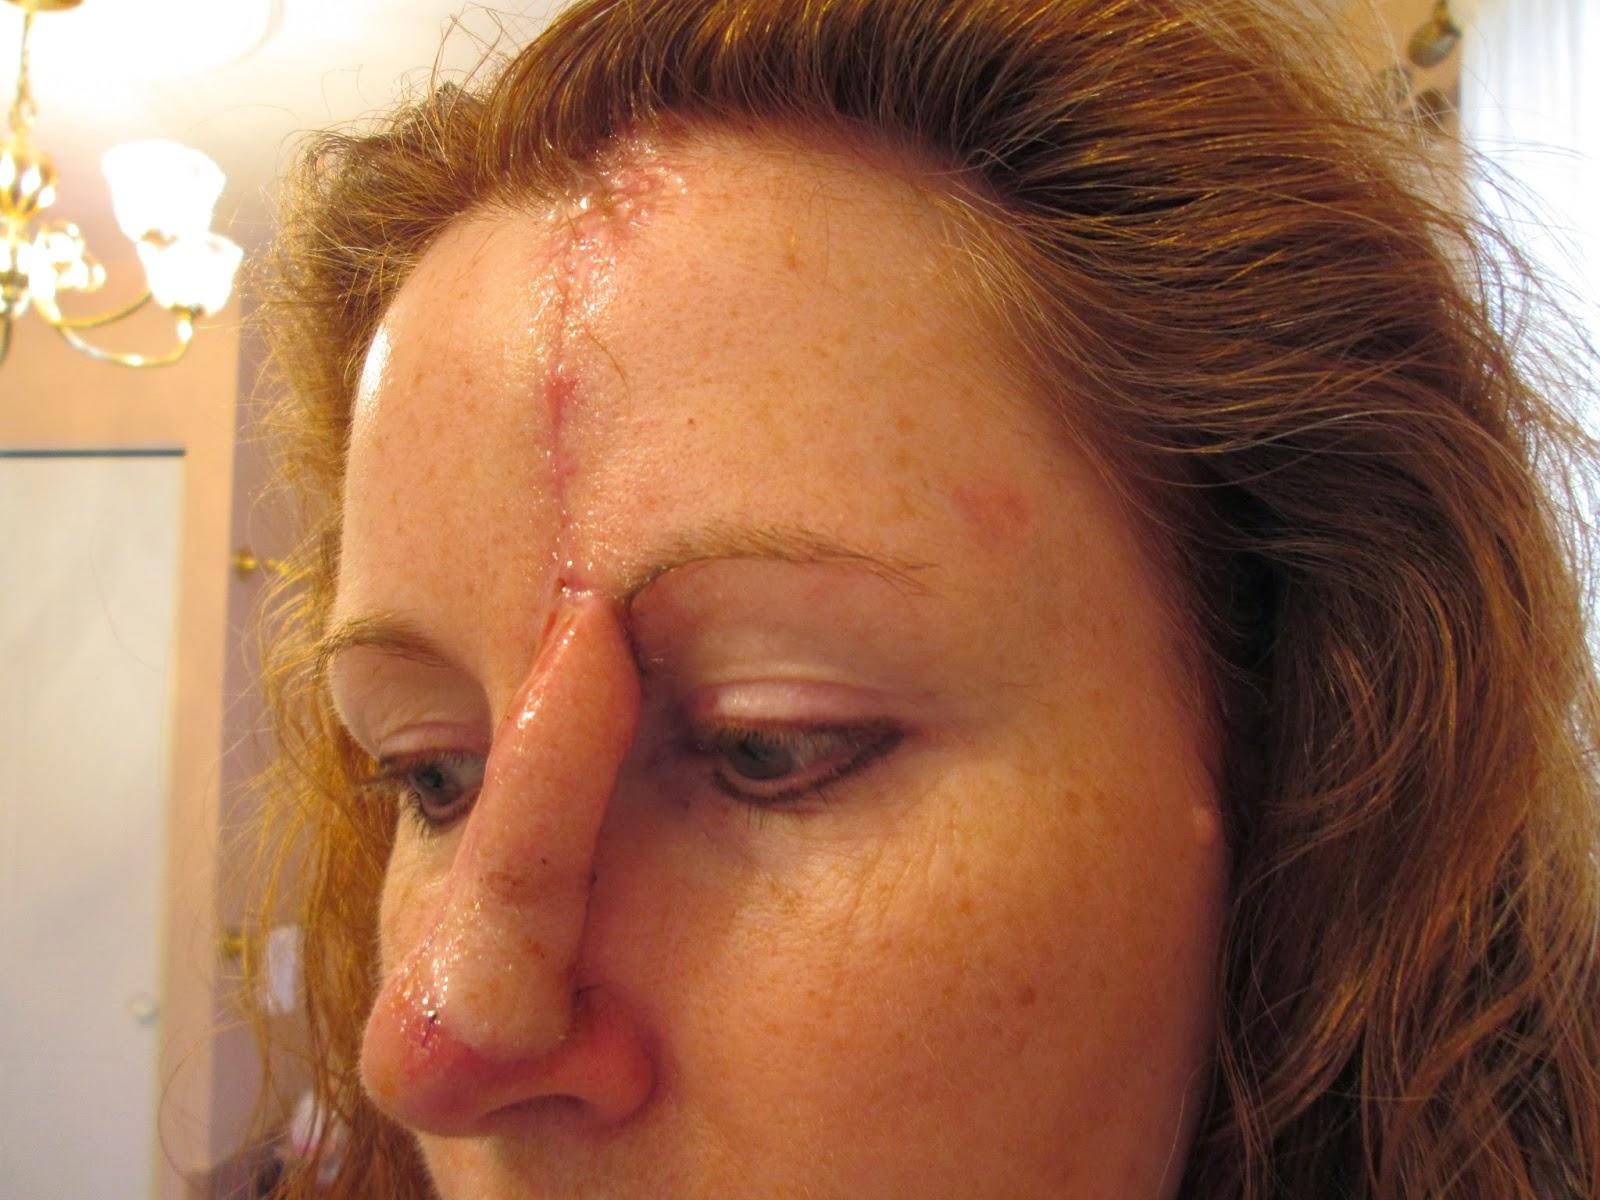 Les tatouages dangereux pour la peau? Topsante  - Tatouage Et Cancer De La Peau